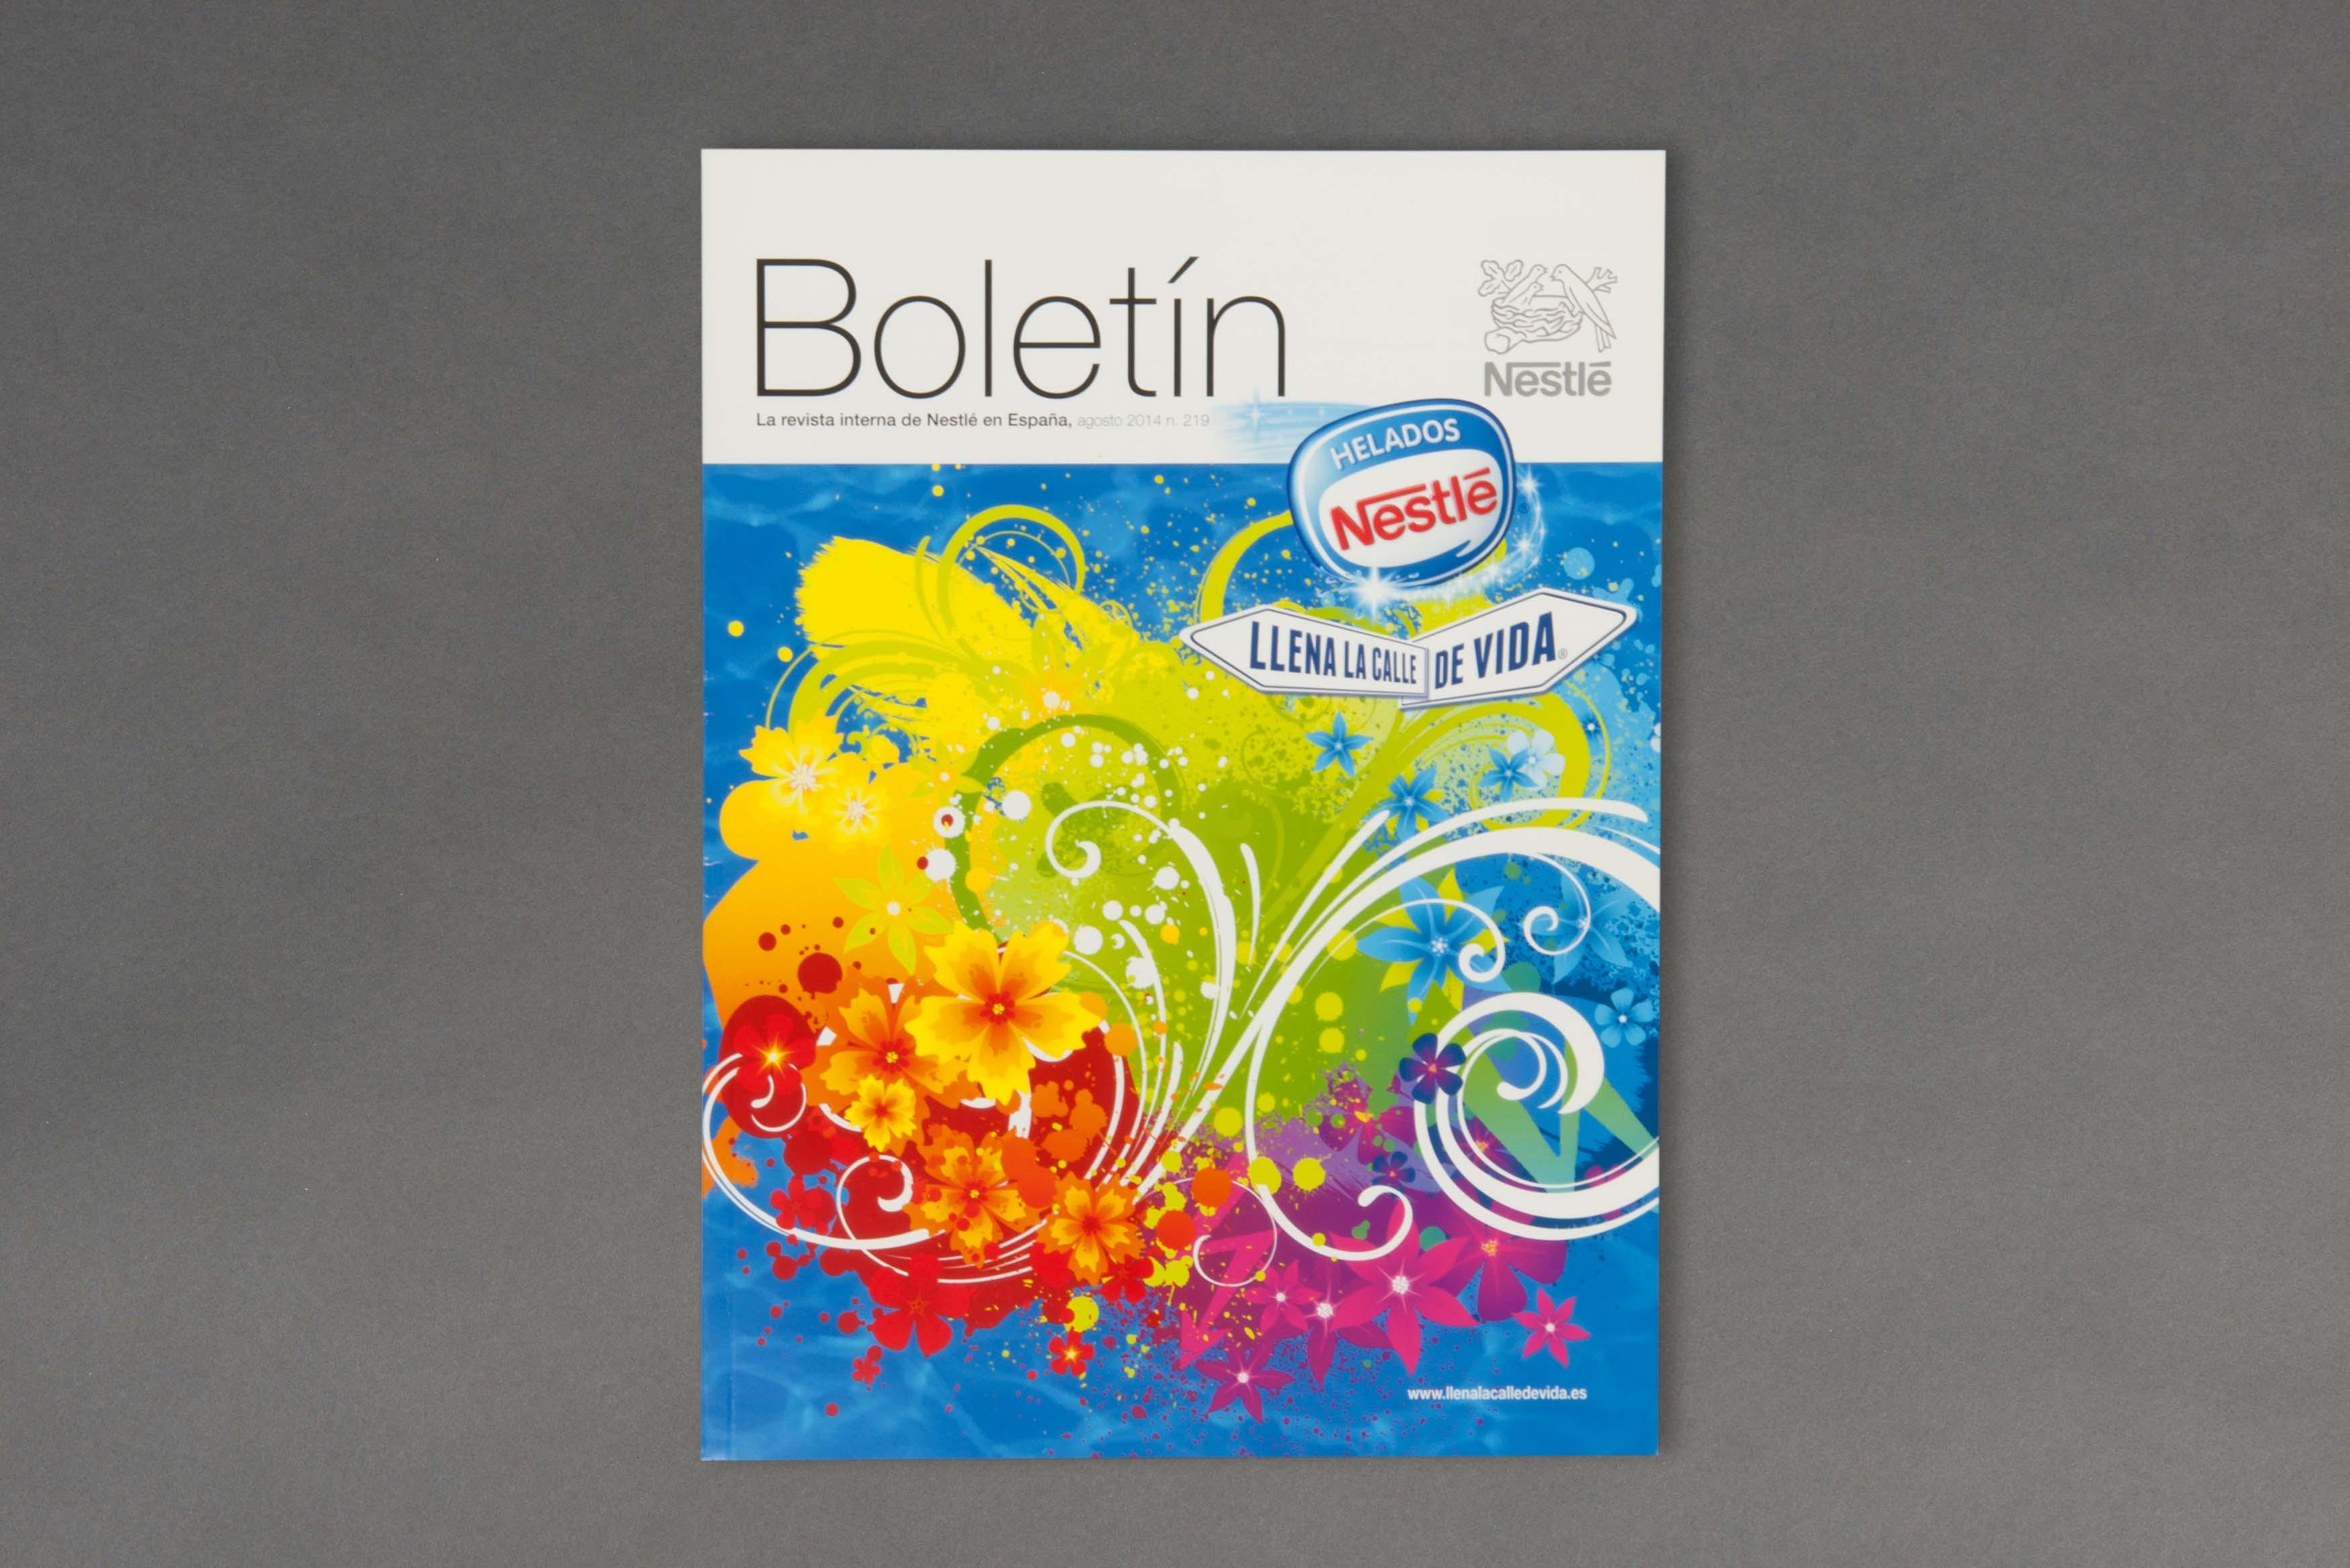 servicios de edicion y publicaciones corporativa revista interna portada